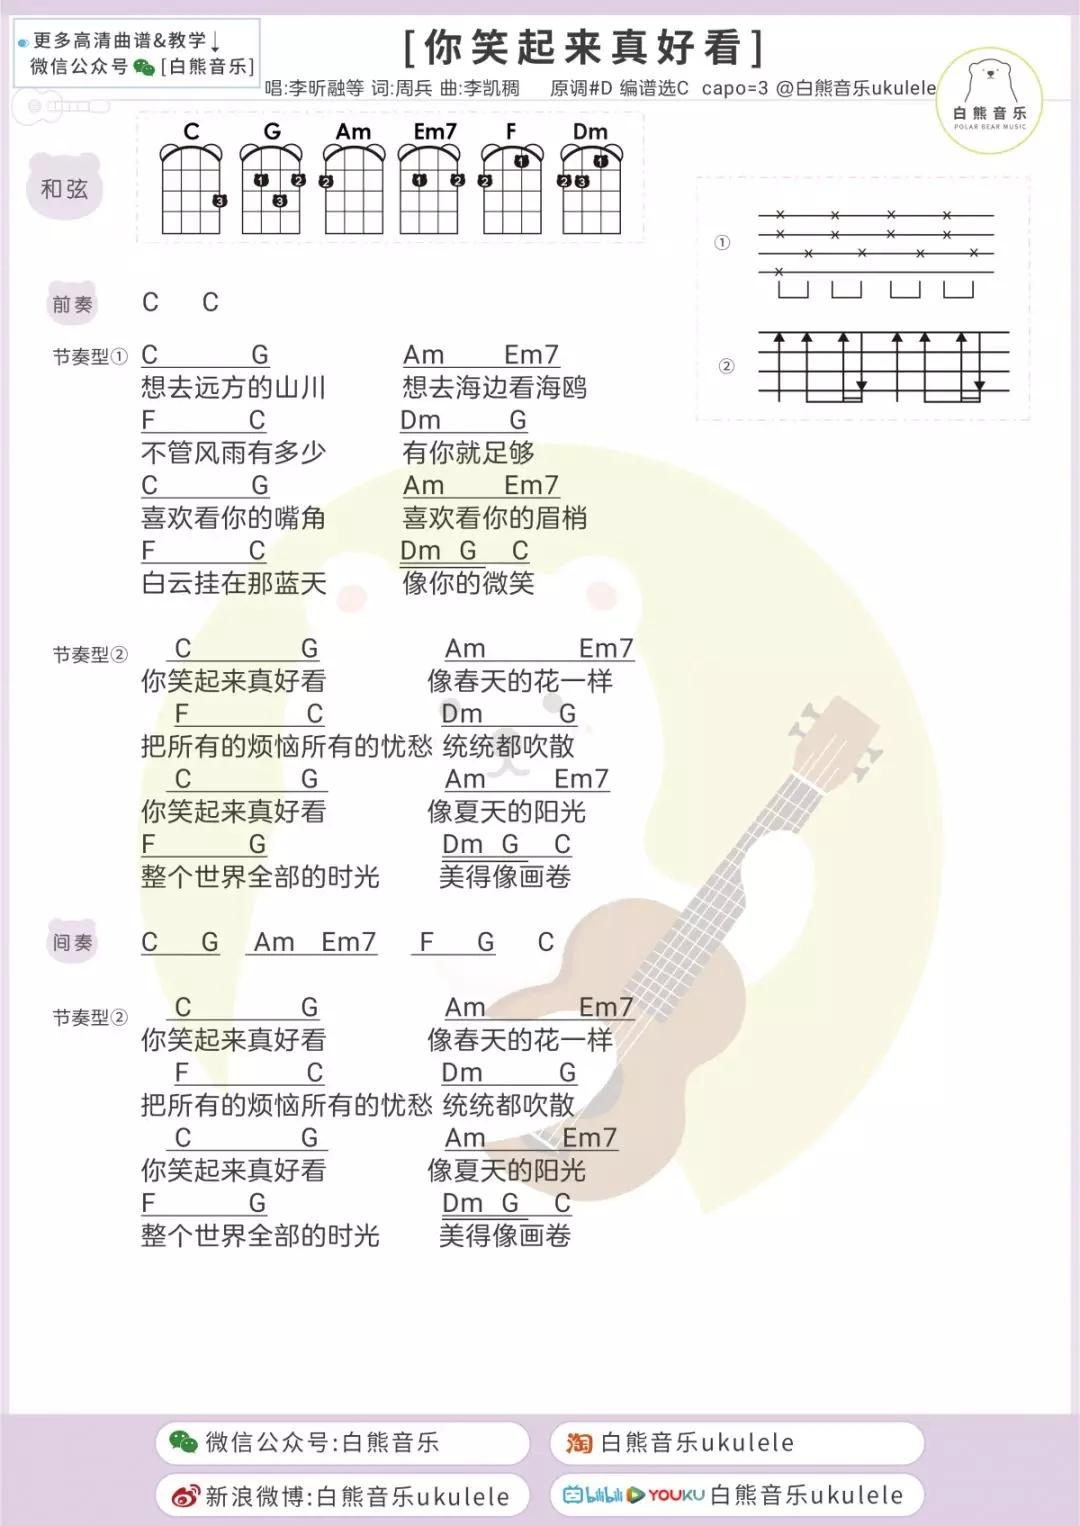 《你笑起来真好看》尤克里里吉他谱-李昕融/樊桐舟/李凯稠-C大调音乐网